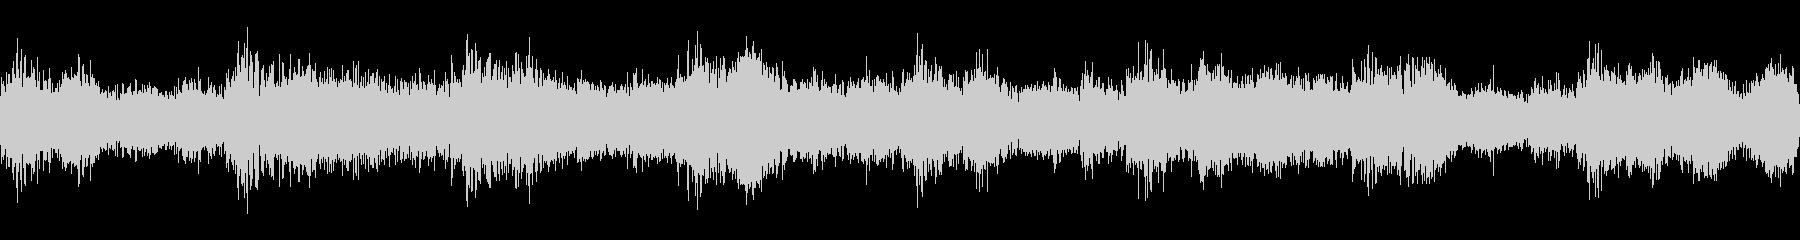 緊迫感 オーケストラ3 ループの未再生の波形